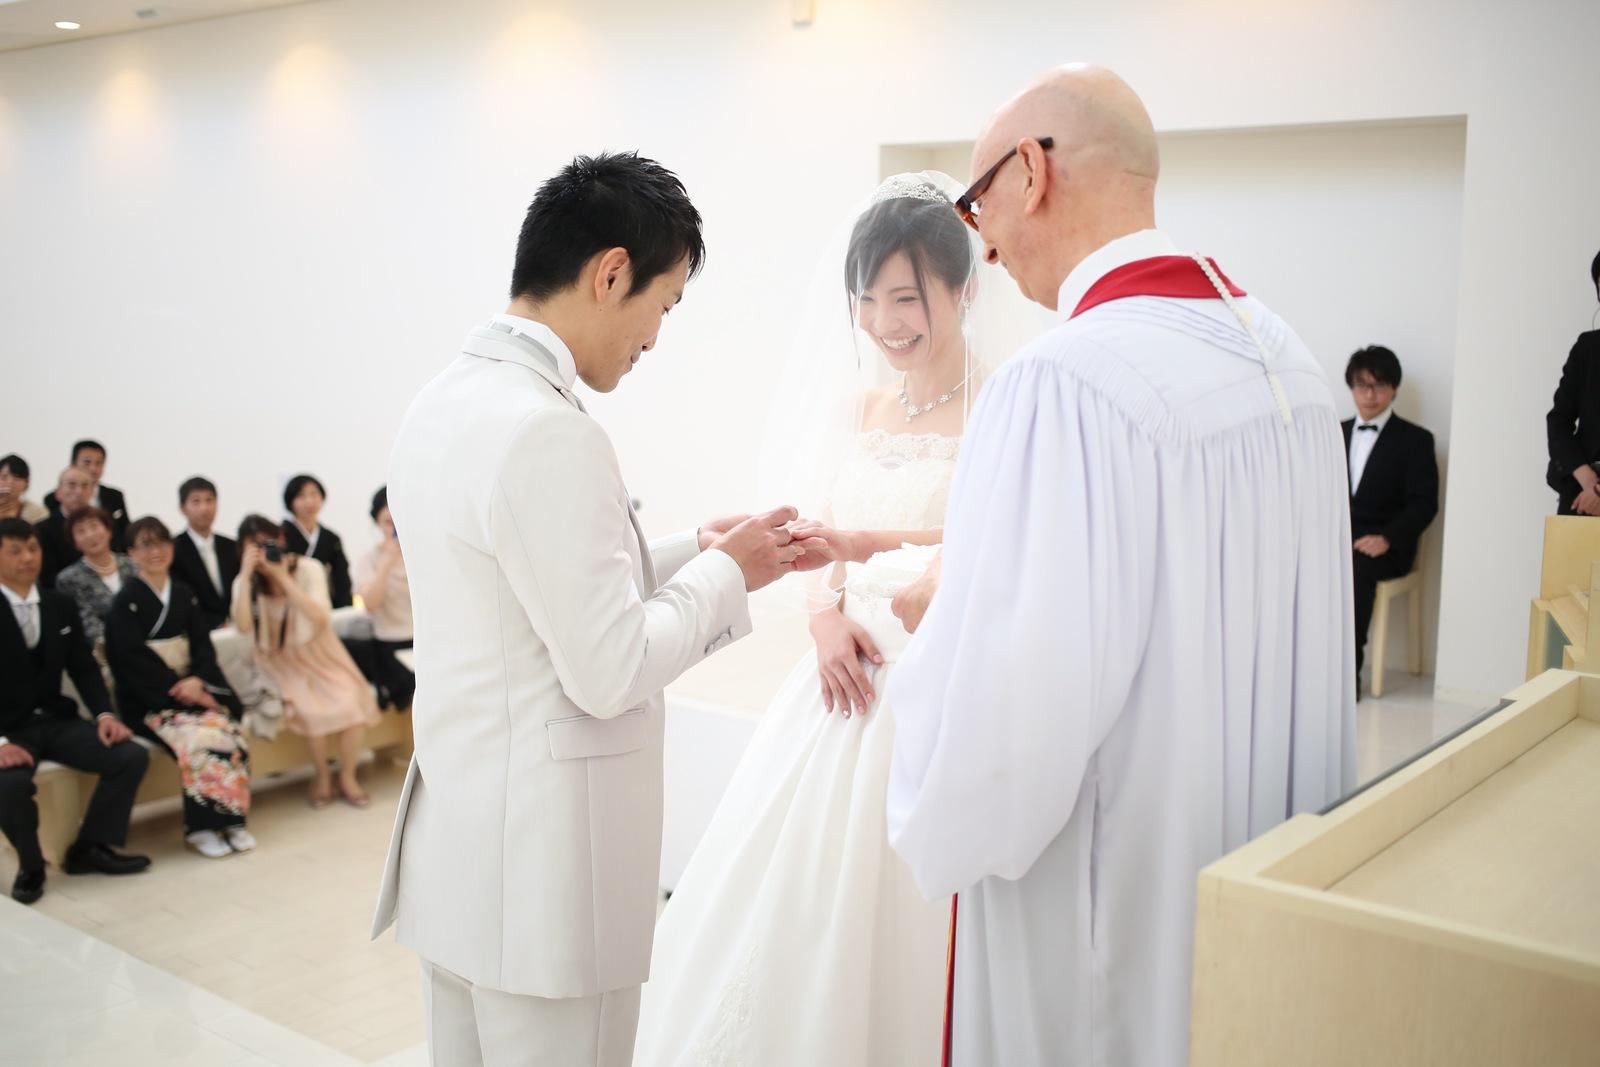 徳島市の結婚式場ブランアンジュで挙式中に結婚指輪の交換を行う新郎新婦様